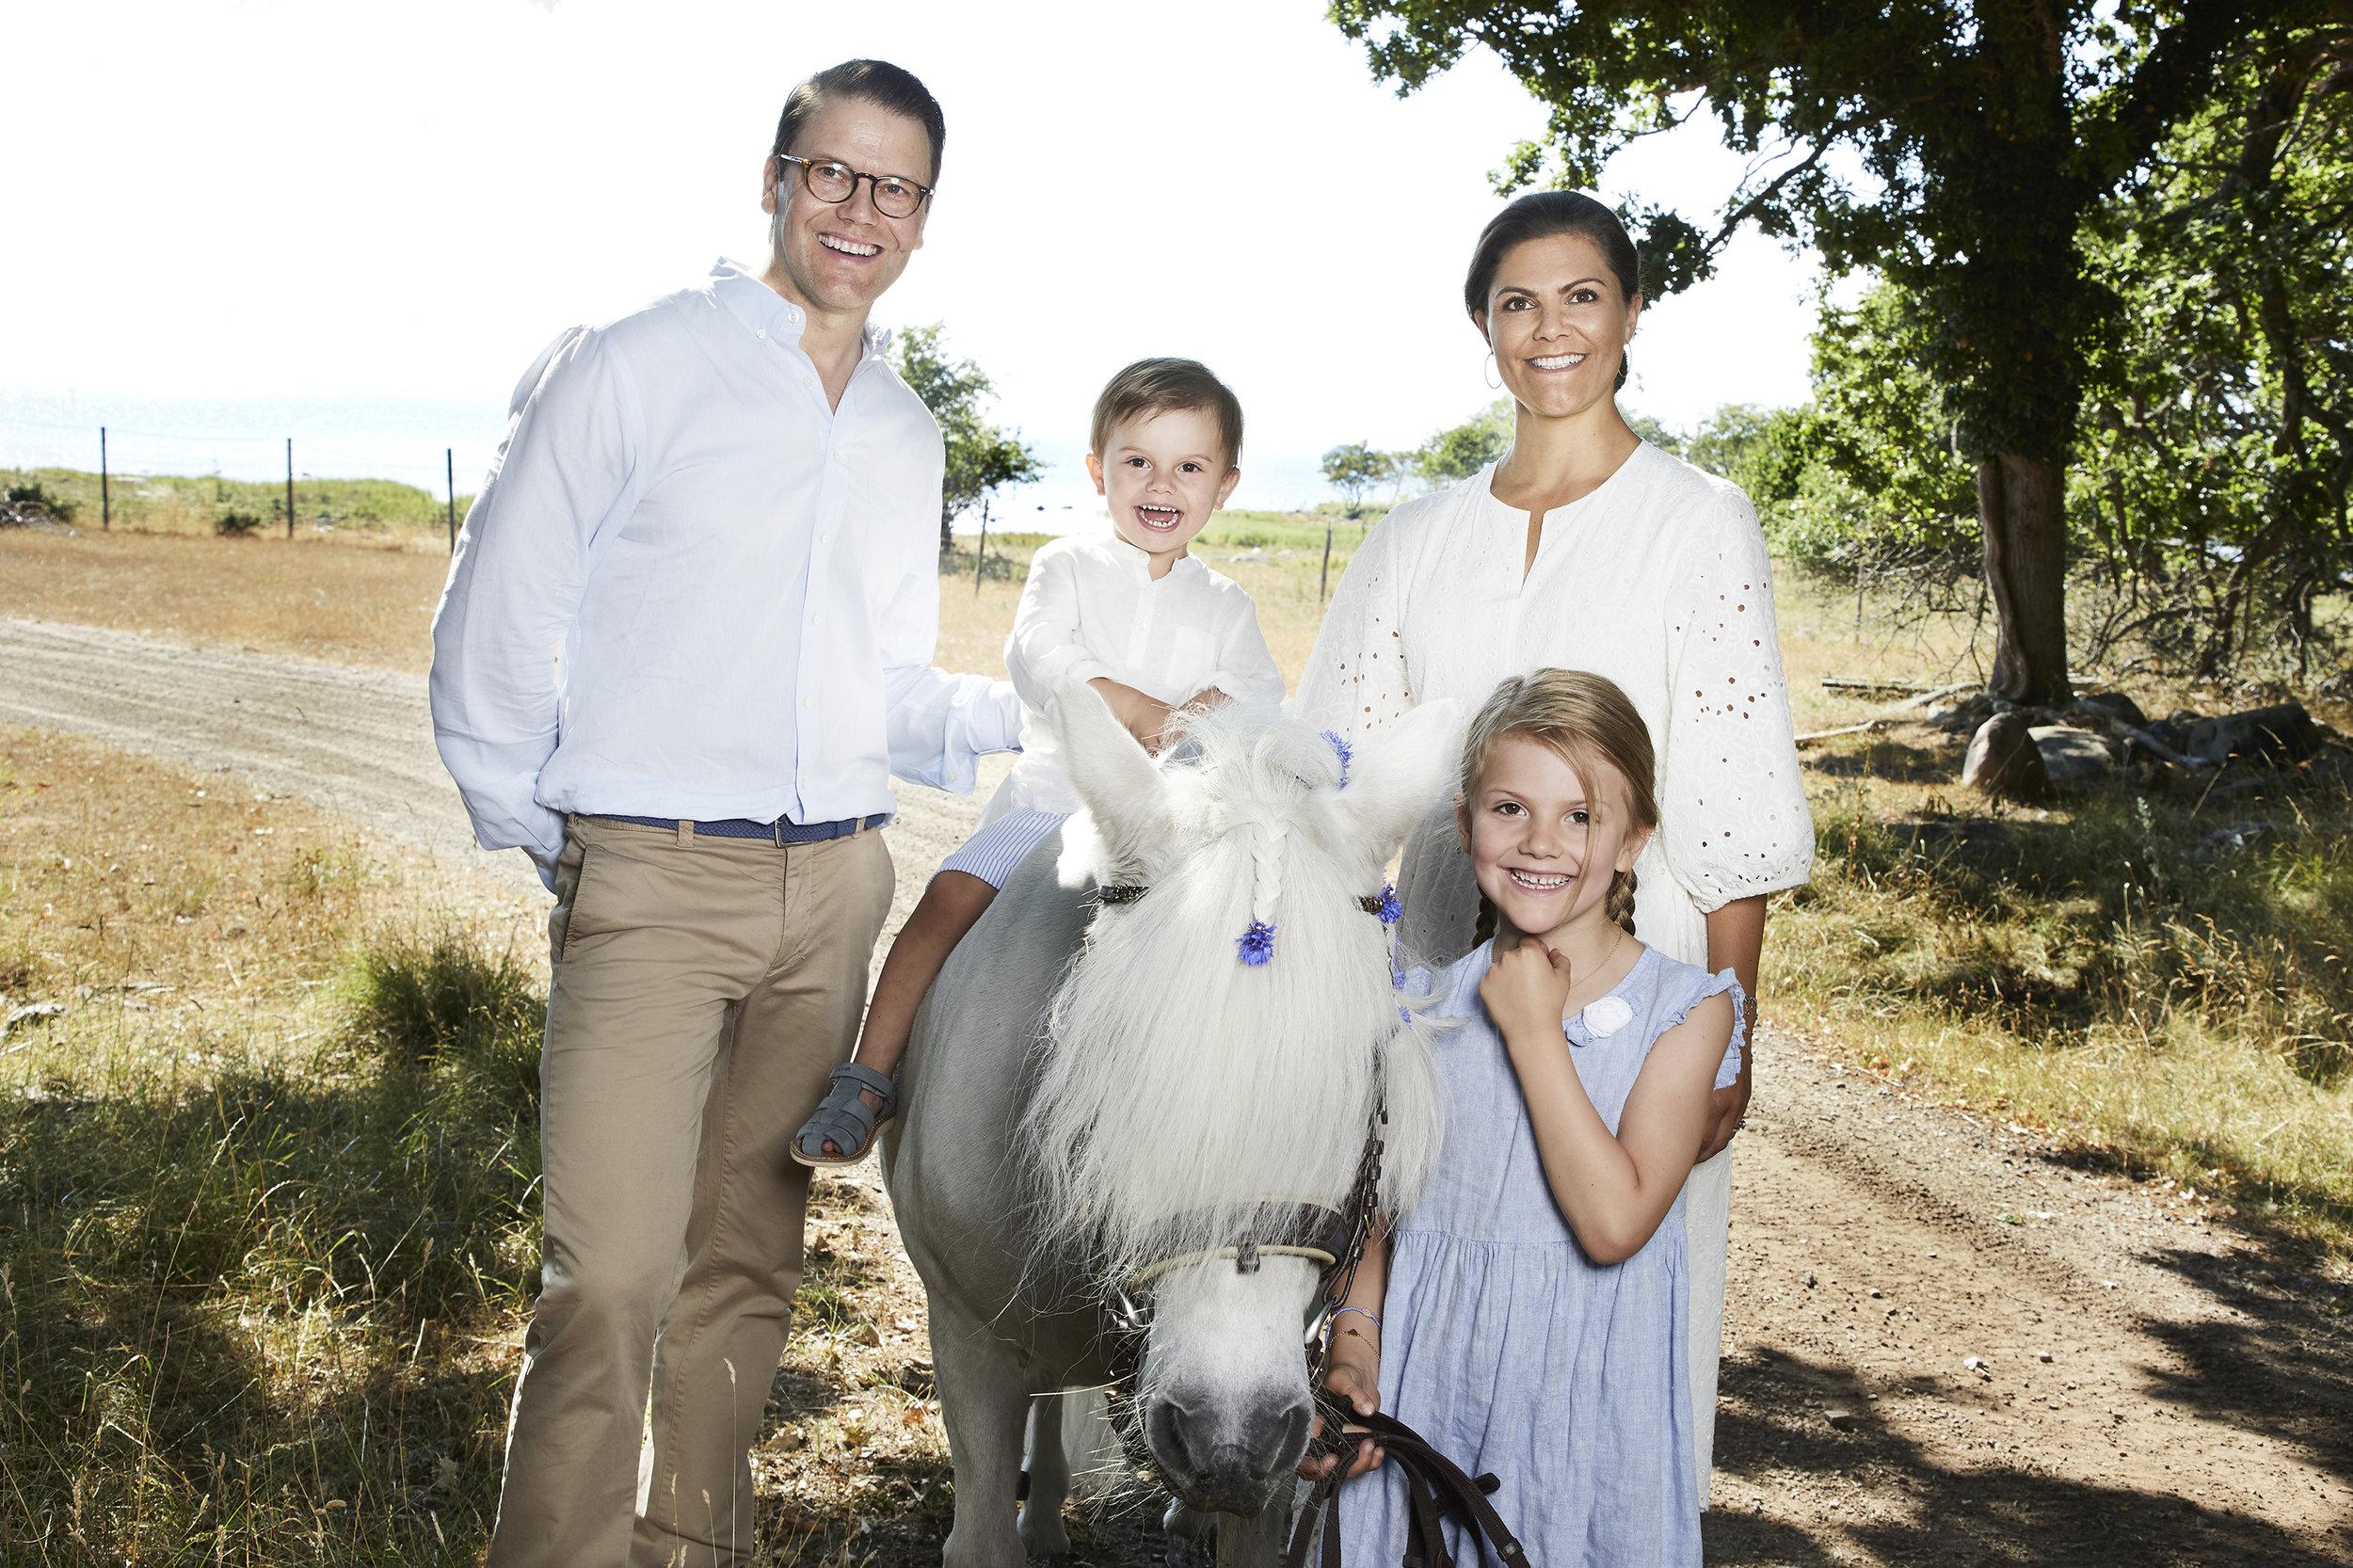 Das macht Spaß! Prinz Oscar reitet auf einem Pony. Victoria und Daniel halten ihn aber zur Sicherheit fest.  ©Anna-Lena Ahlström / Kungahuset.se